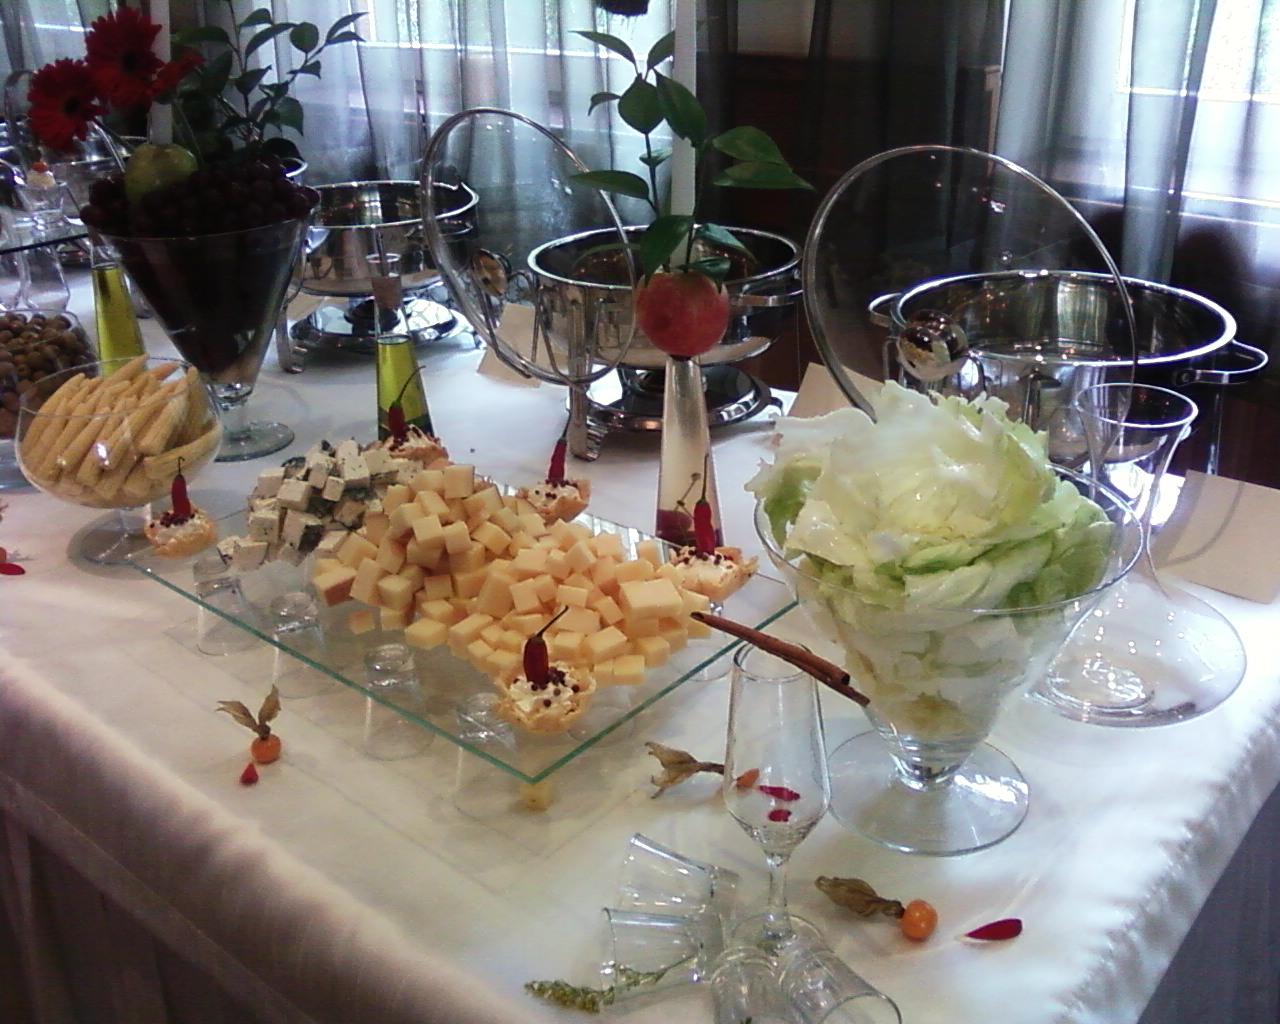 montando espelhos de queijos e salames para buffet de pratos frios #674235 1280x1024